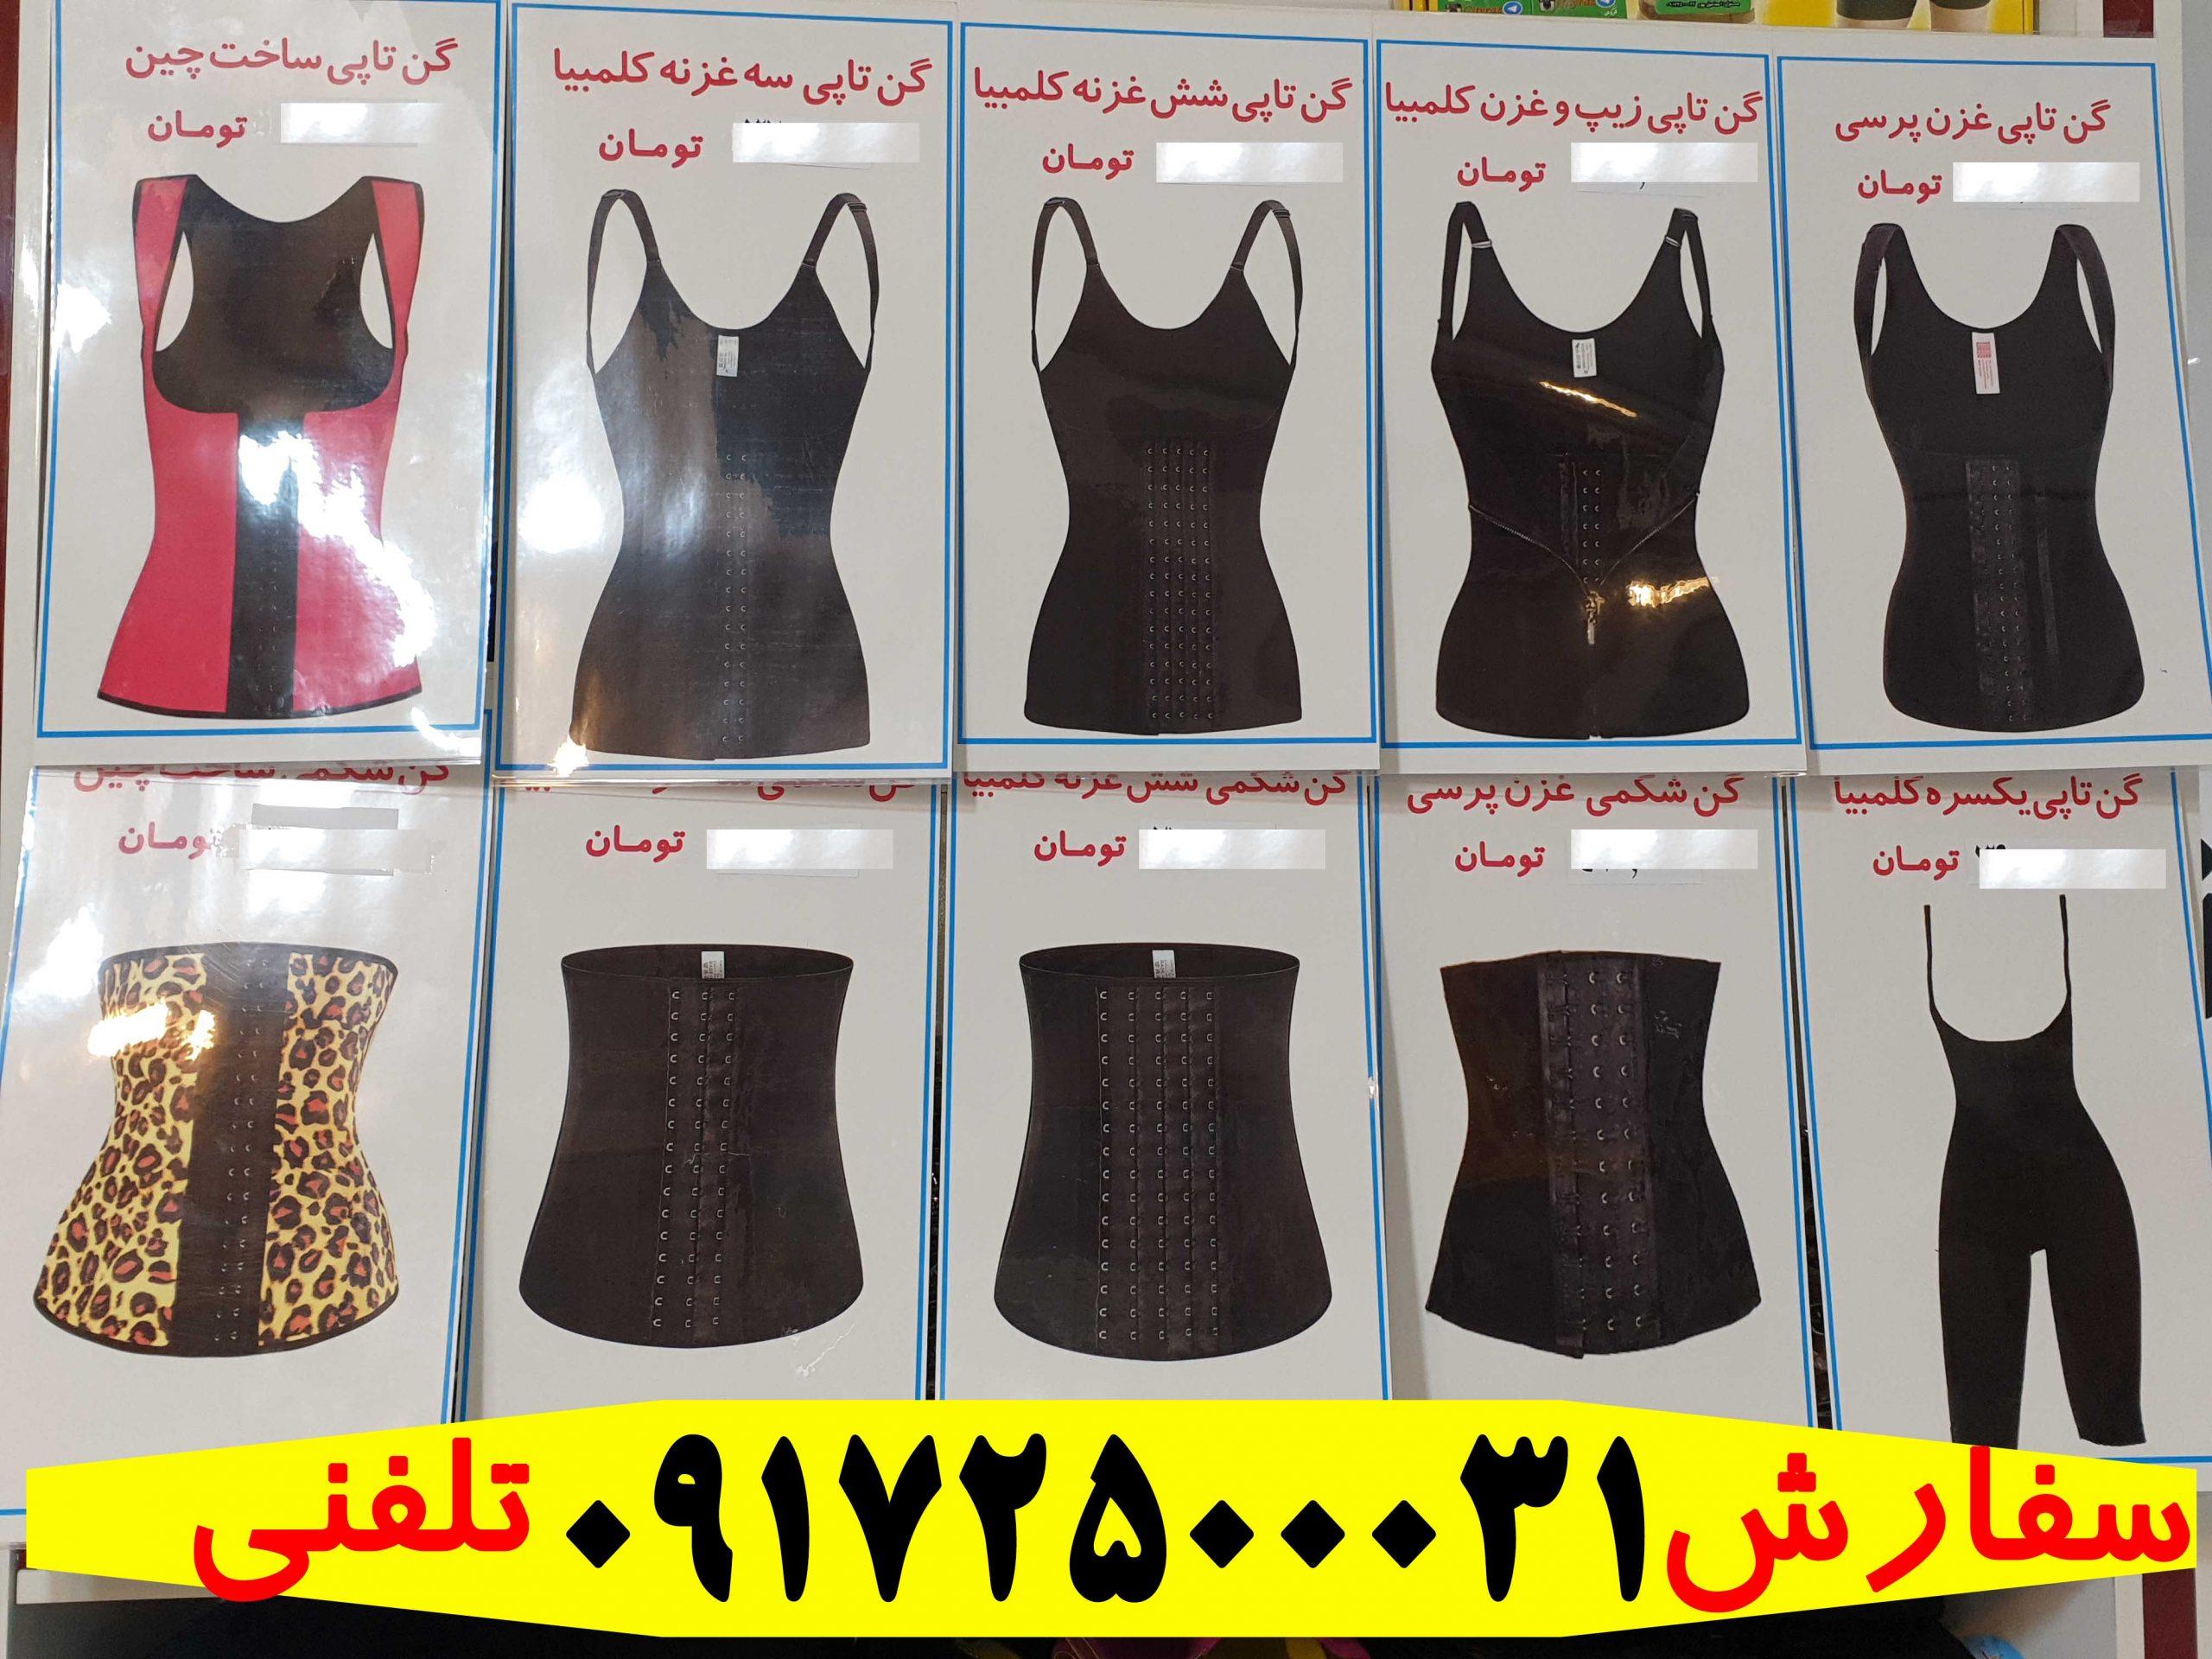 فروش گن لیزری در شیراز|09172500031